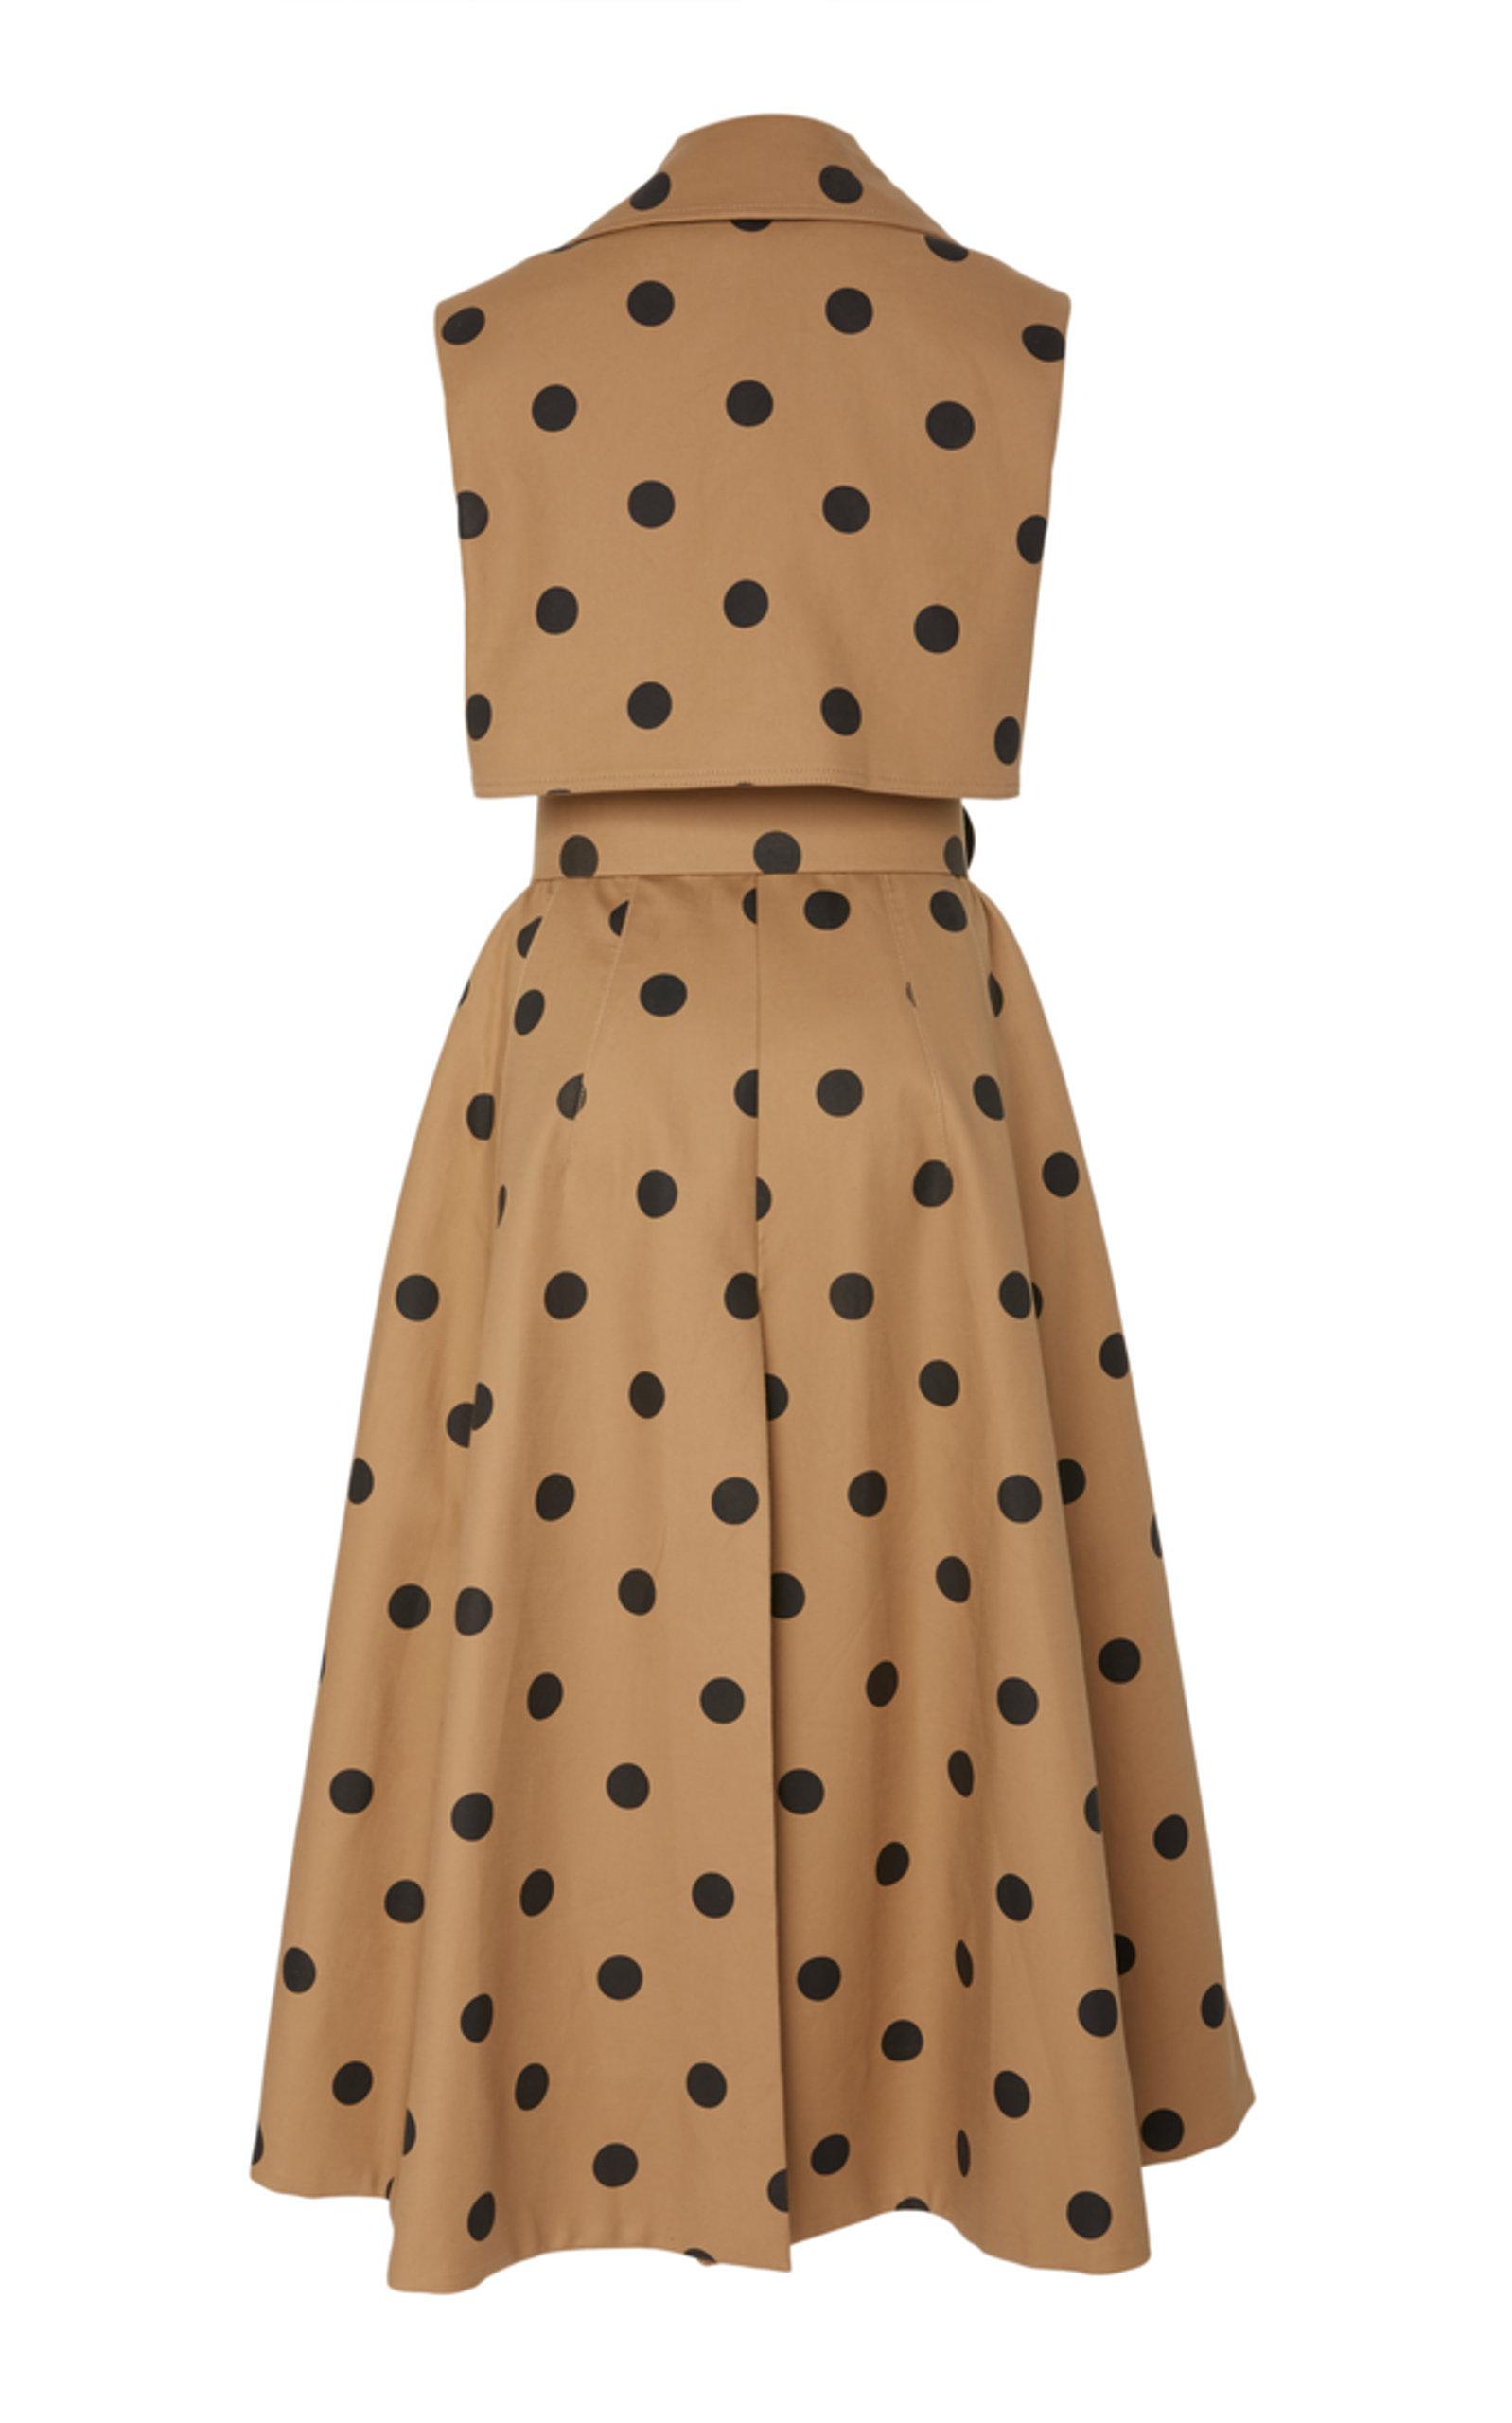 87c200cfea1e01 Oscar de la RentaPolka Dot Day Dress. CLOSE. Loading. Loading